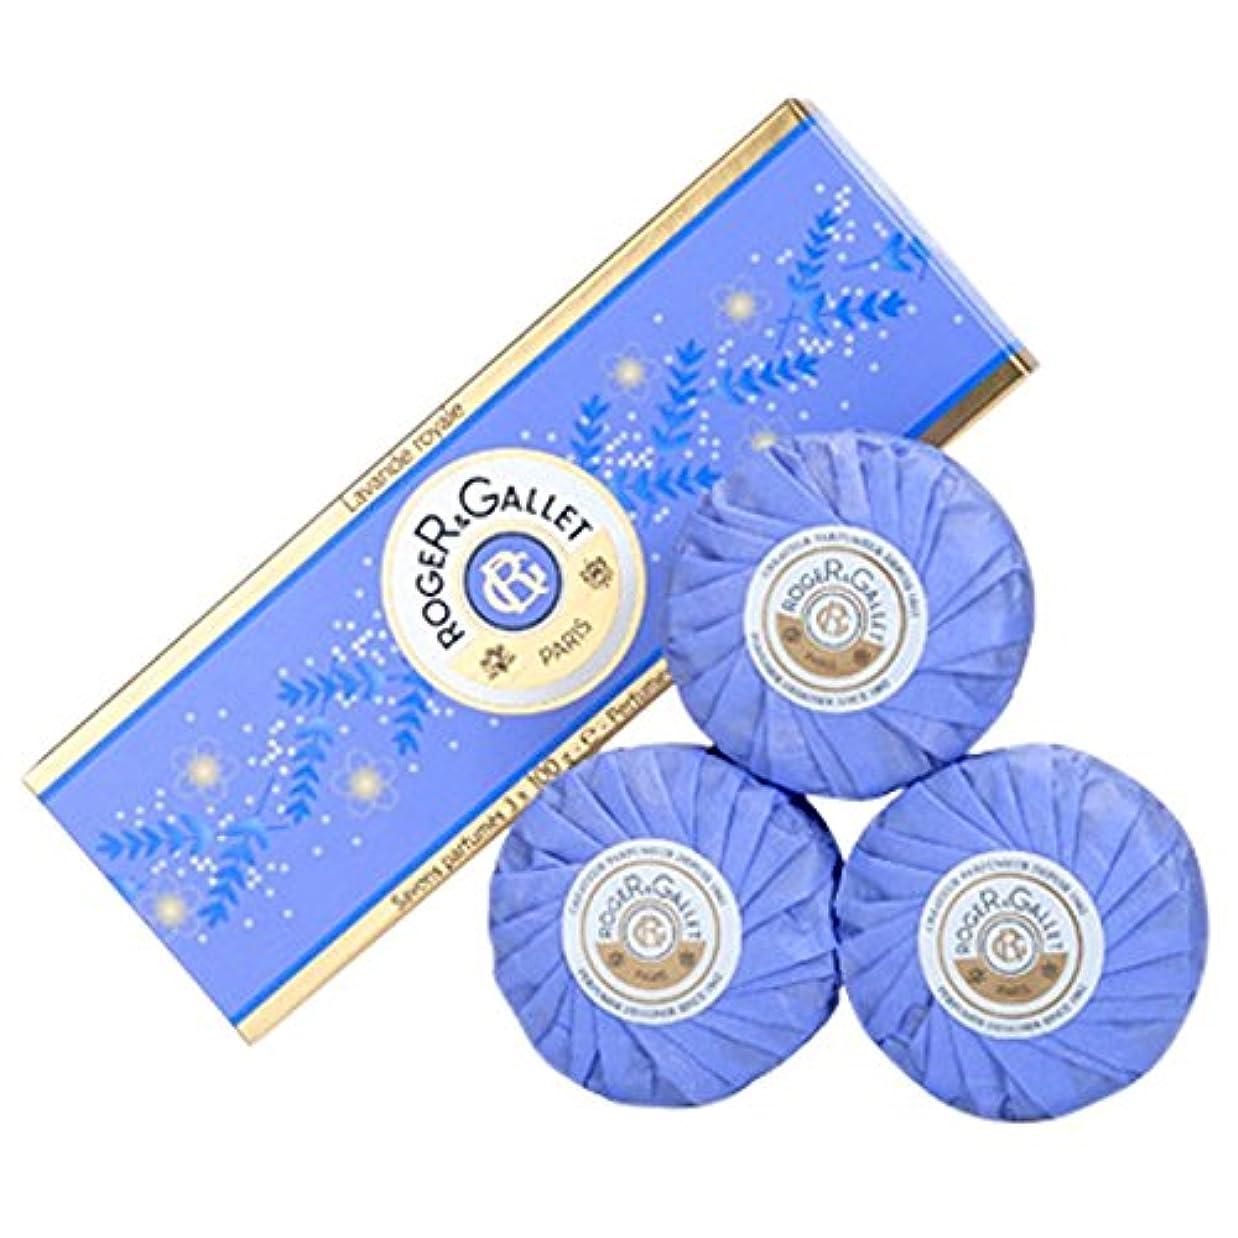 用心する均等にに慣れロジャー&Galletのラバンデロワイヤルソープコフレ3つのX 100グラム (Roger & Gallet) - Roger & Gallet Lavande Royale Soap Coffret 3 x 100g...